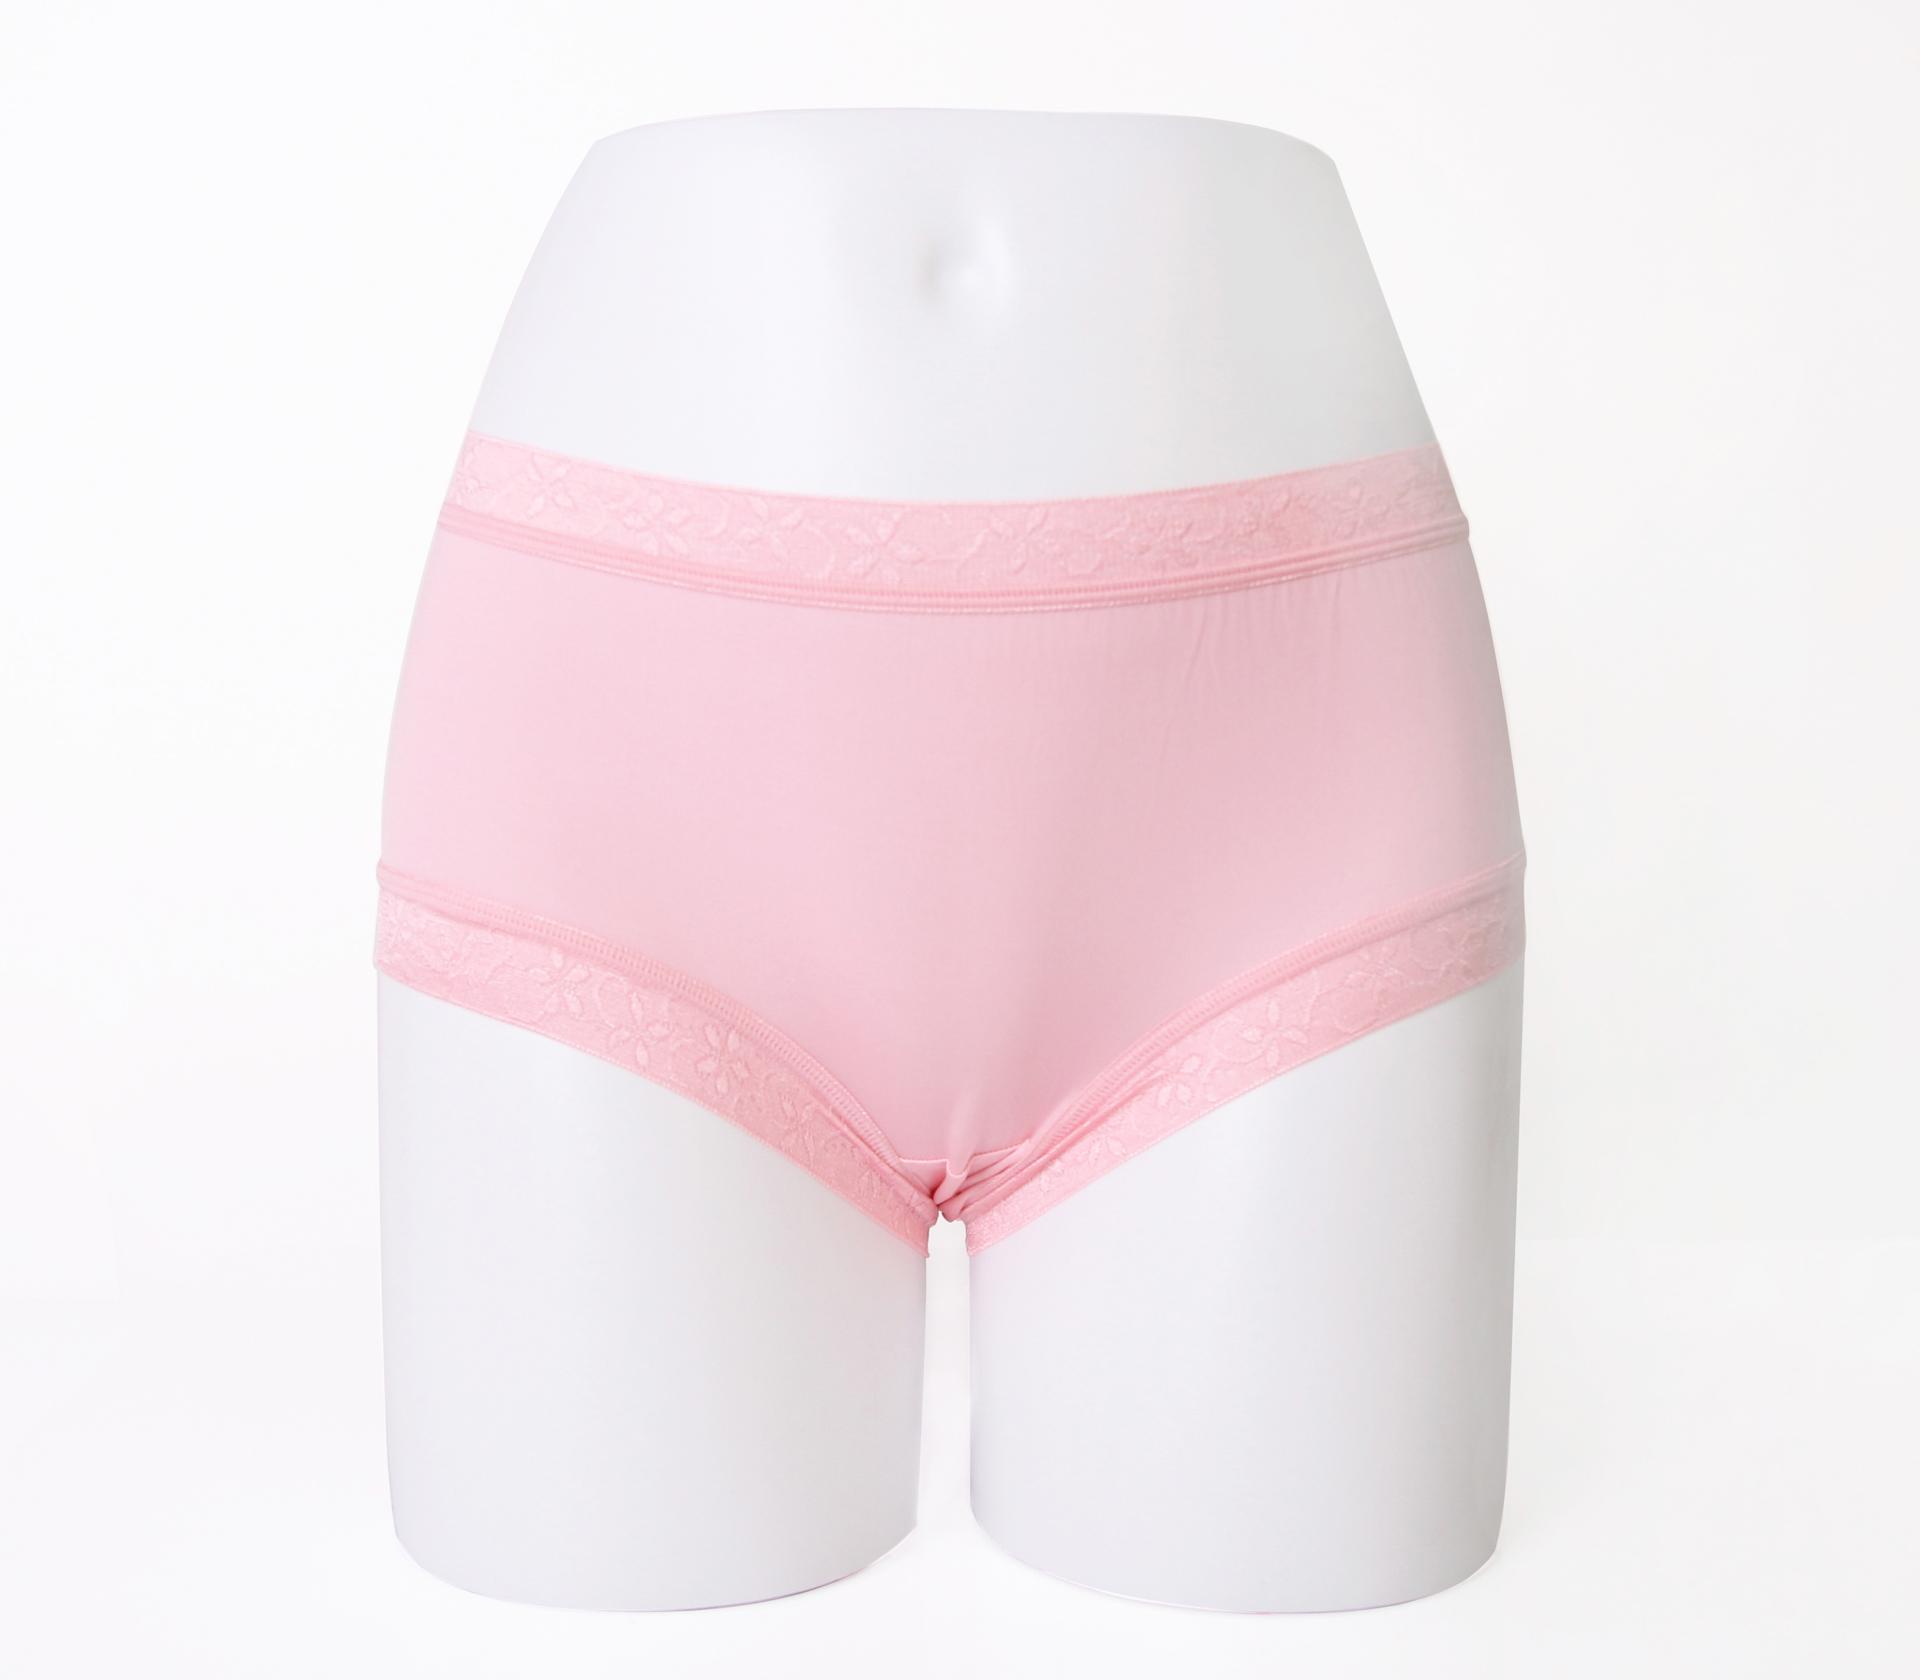 闕蘭絹32針超涼春蠶100%蠶絲內褲-88112-2(粉)